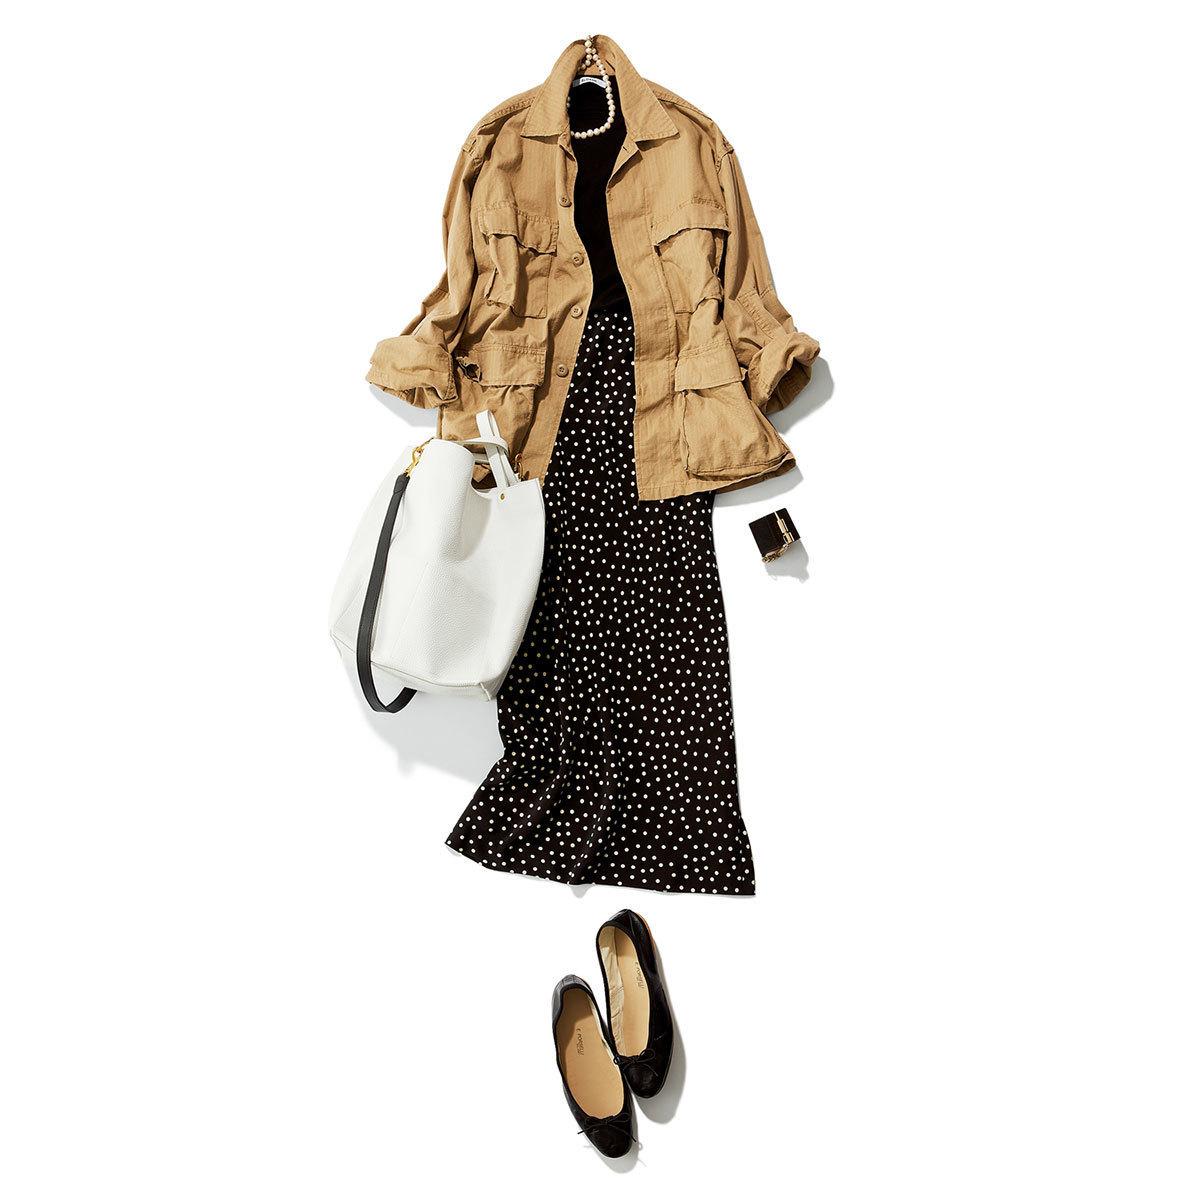 ミリタリージャケット×ドット柄のスカートコーデ